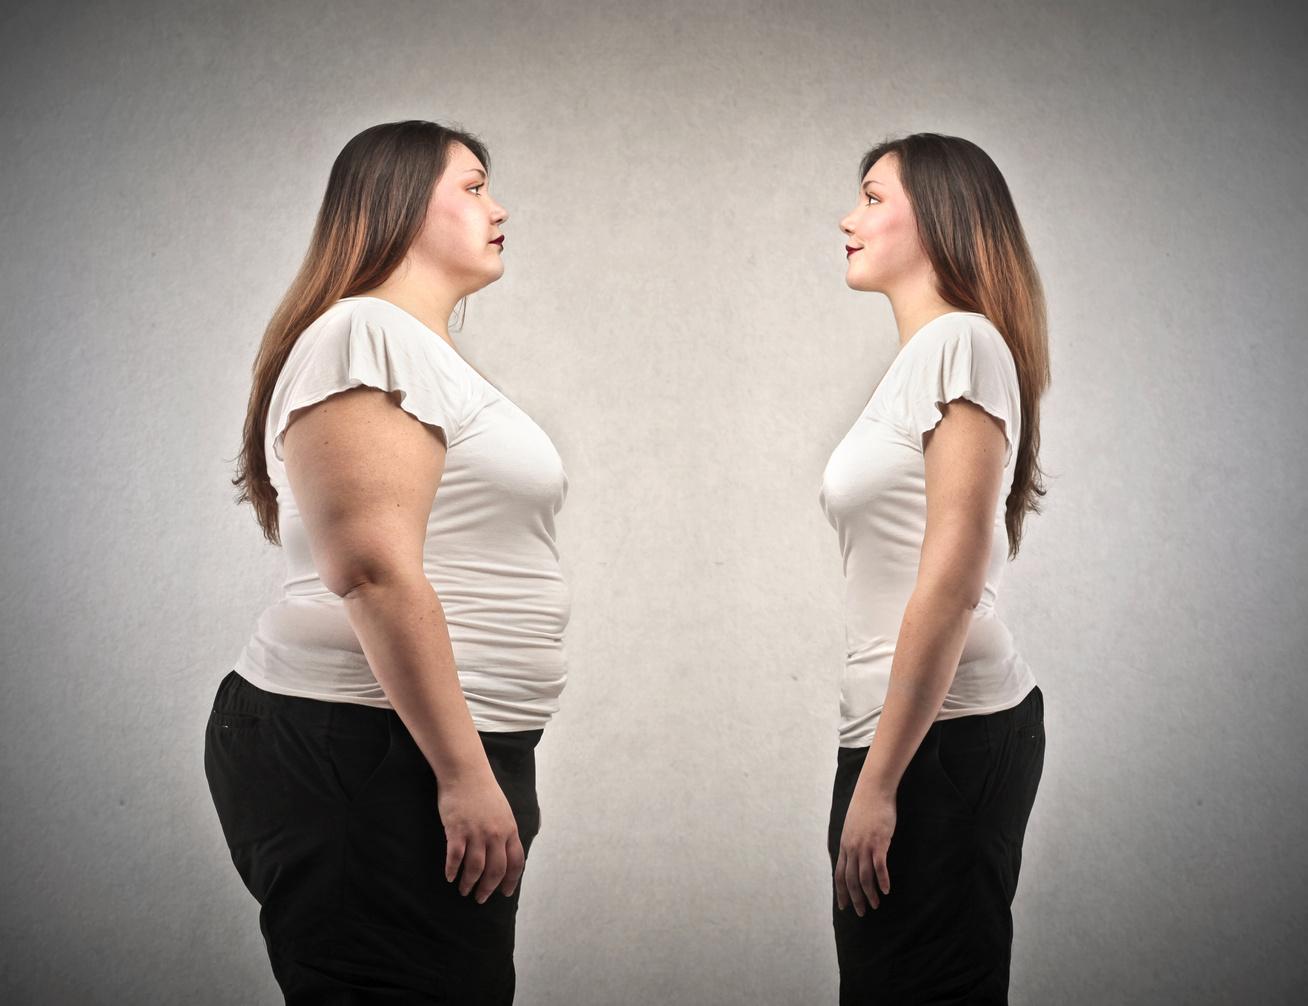 Nézd meg, mi a hatásos fogyókúra és a tartós fogyás titka a Fitwebshop szerint!